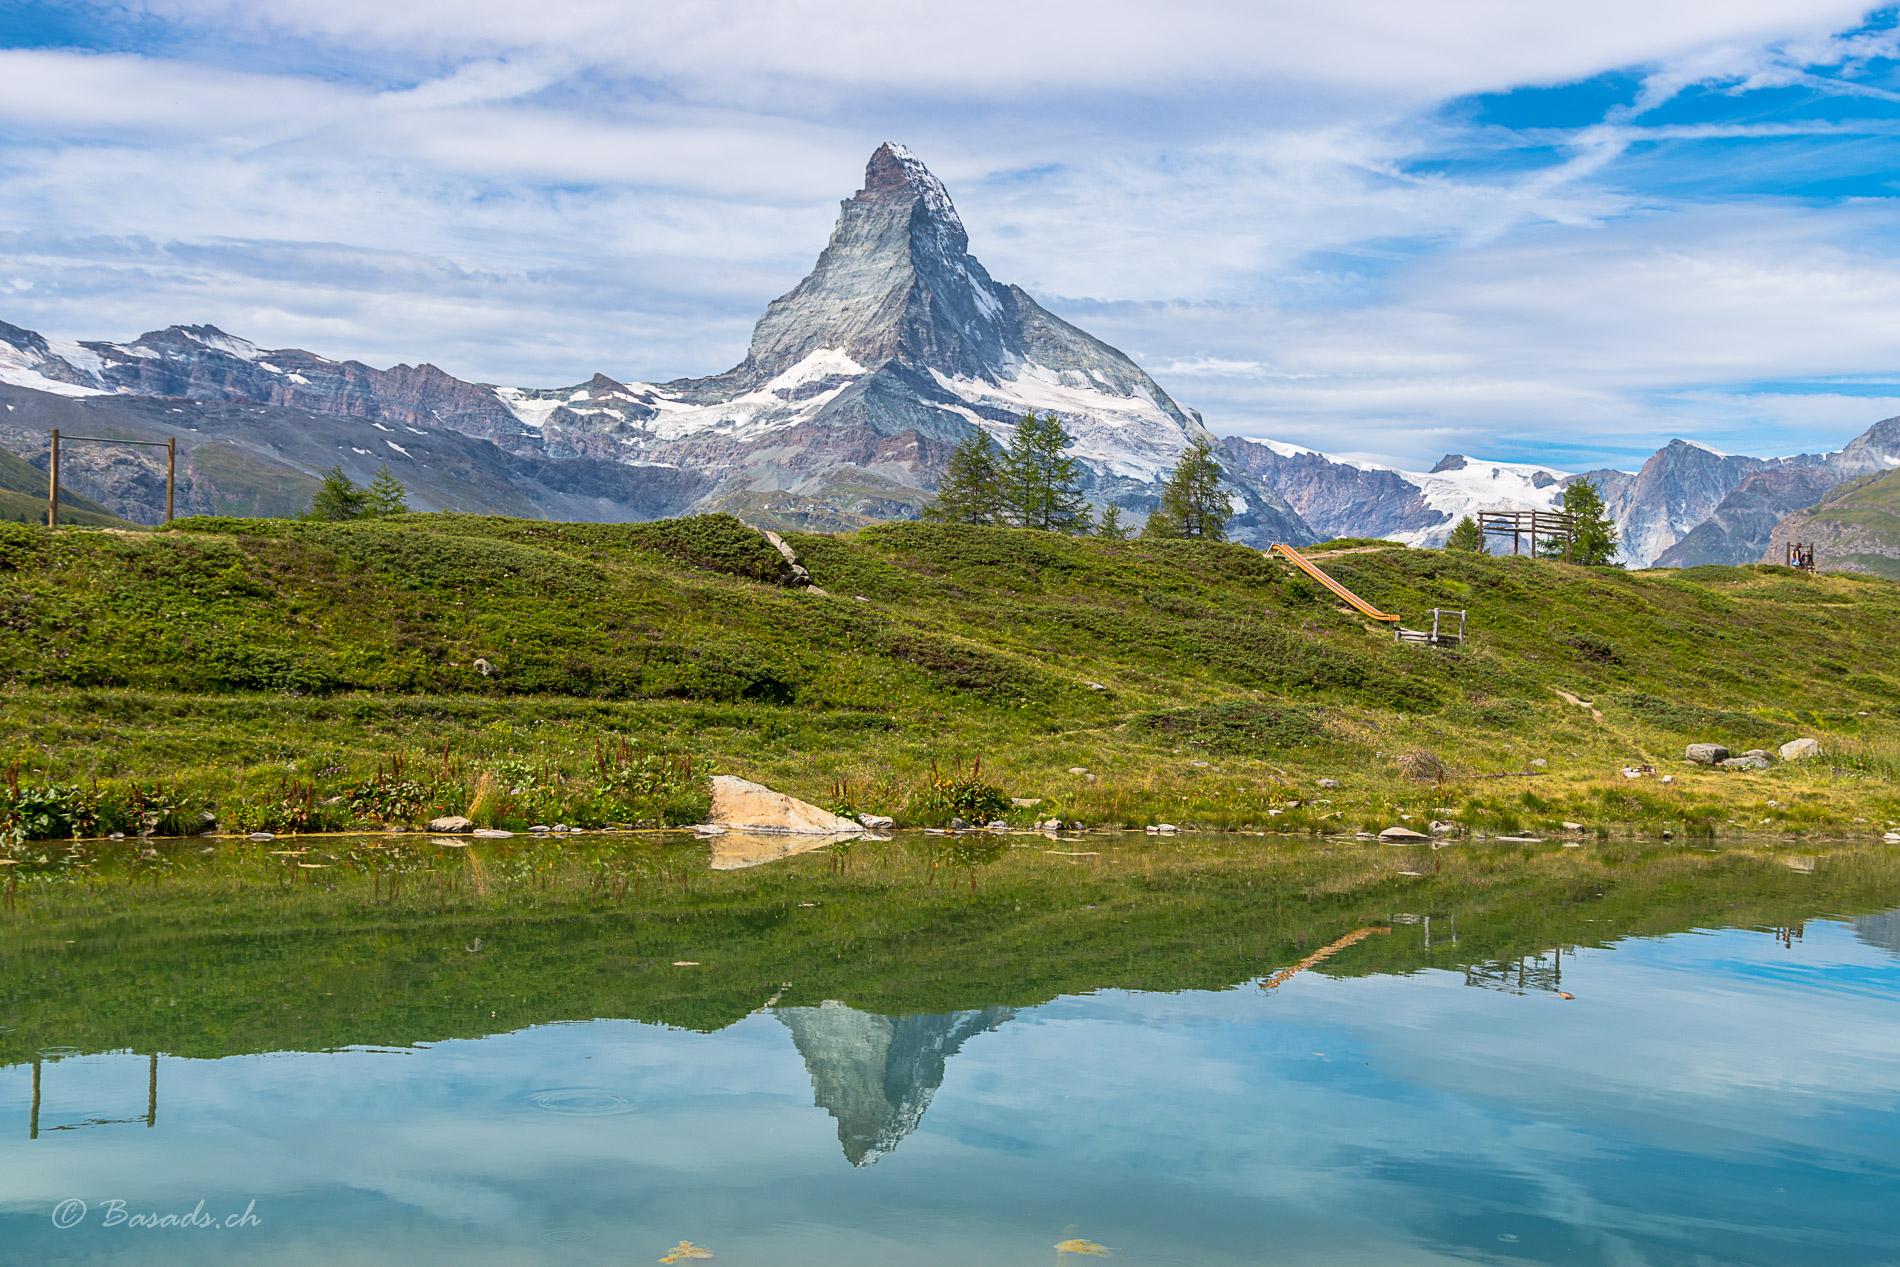 5-Seen Wanderung nahe am Matterhorn in Zermatt